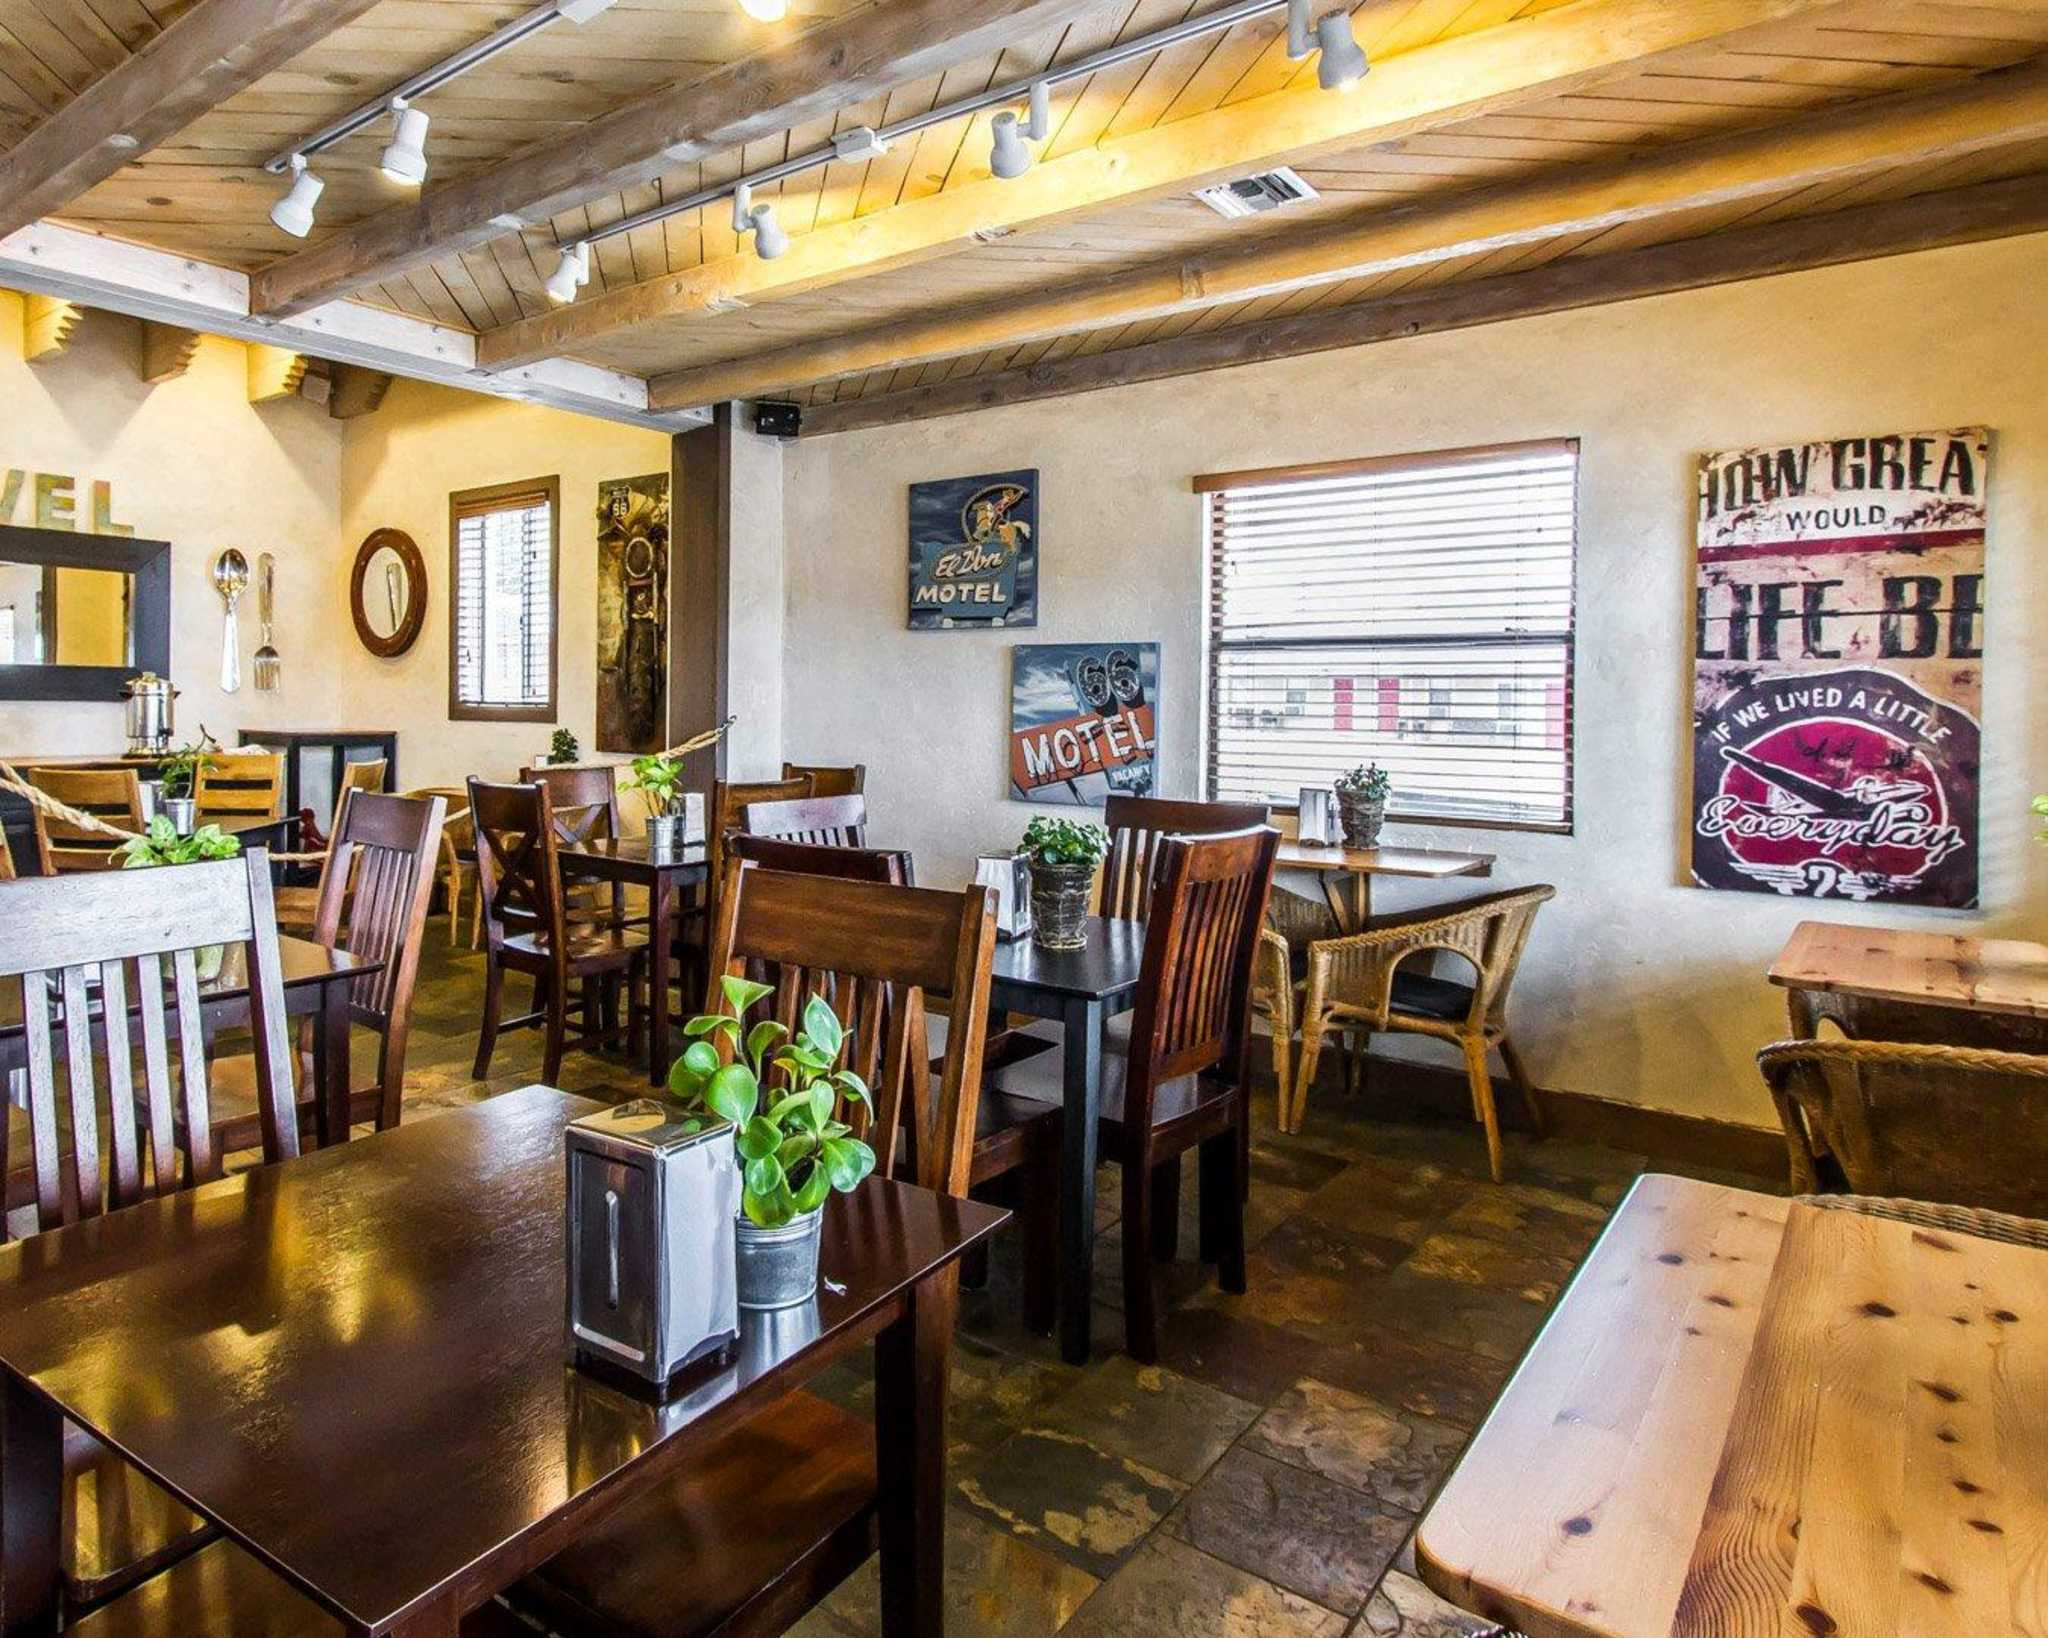 Rodeway Inn & Suites Downtowner-Rte 66 image 22